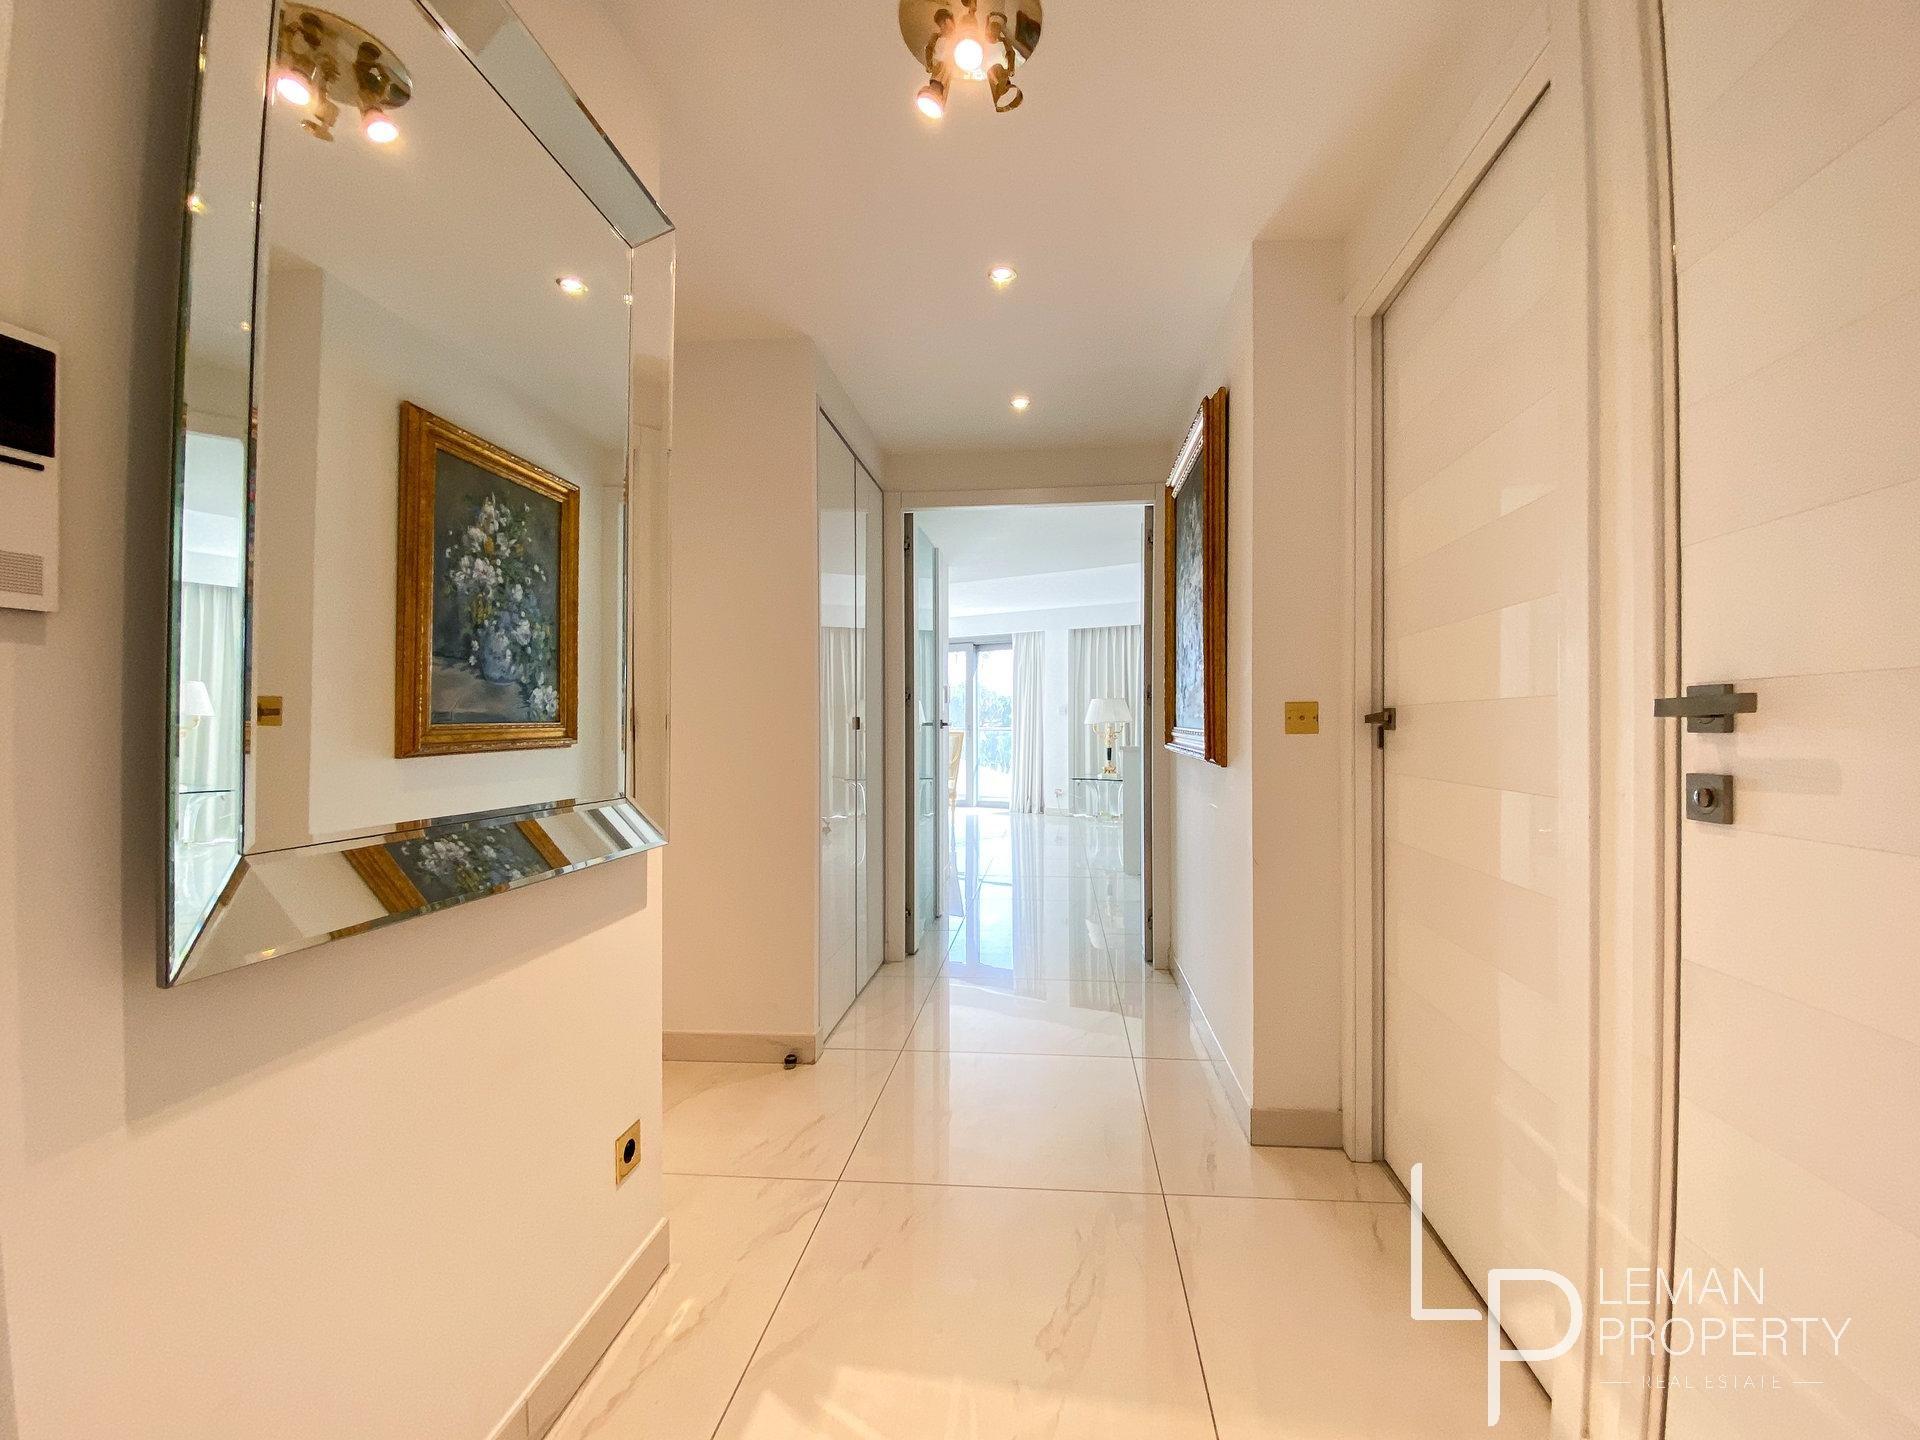 Vente de appartement d'une surface de 112.22 m2